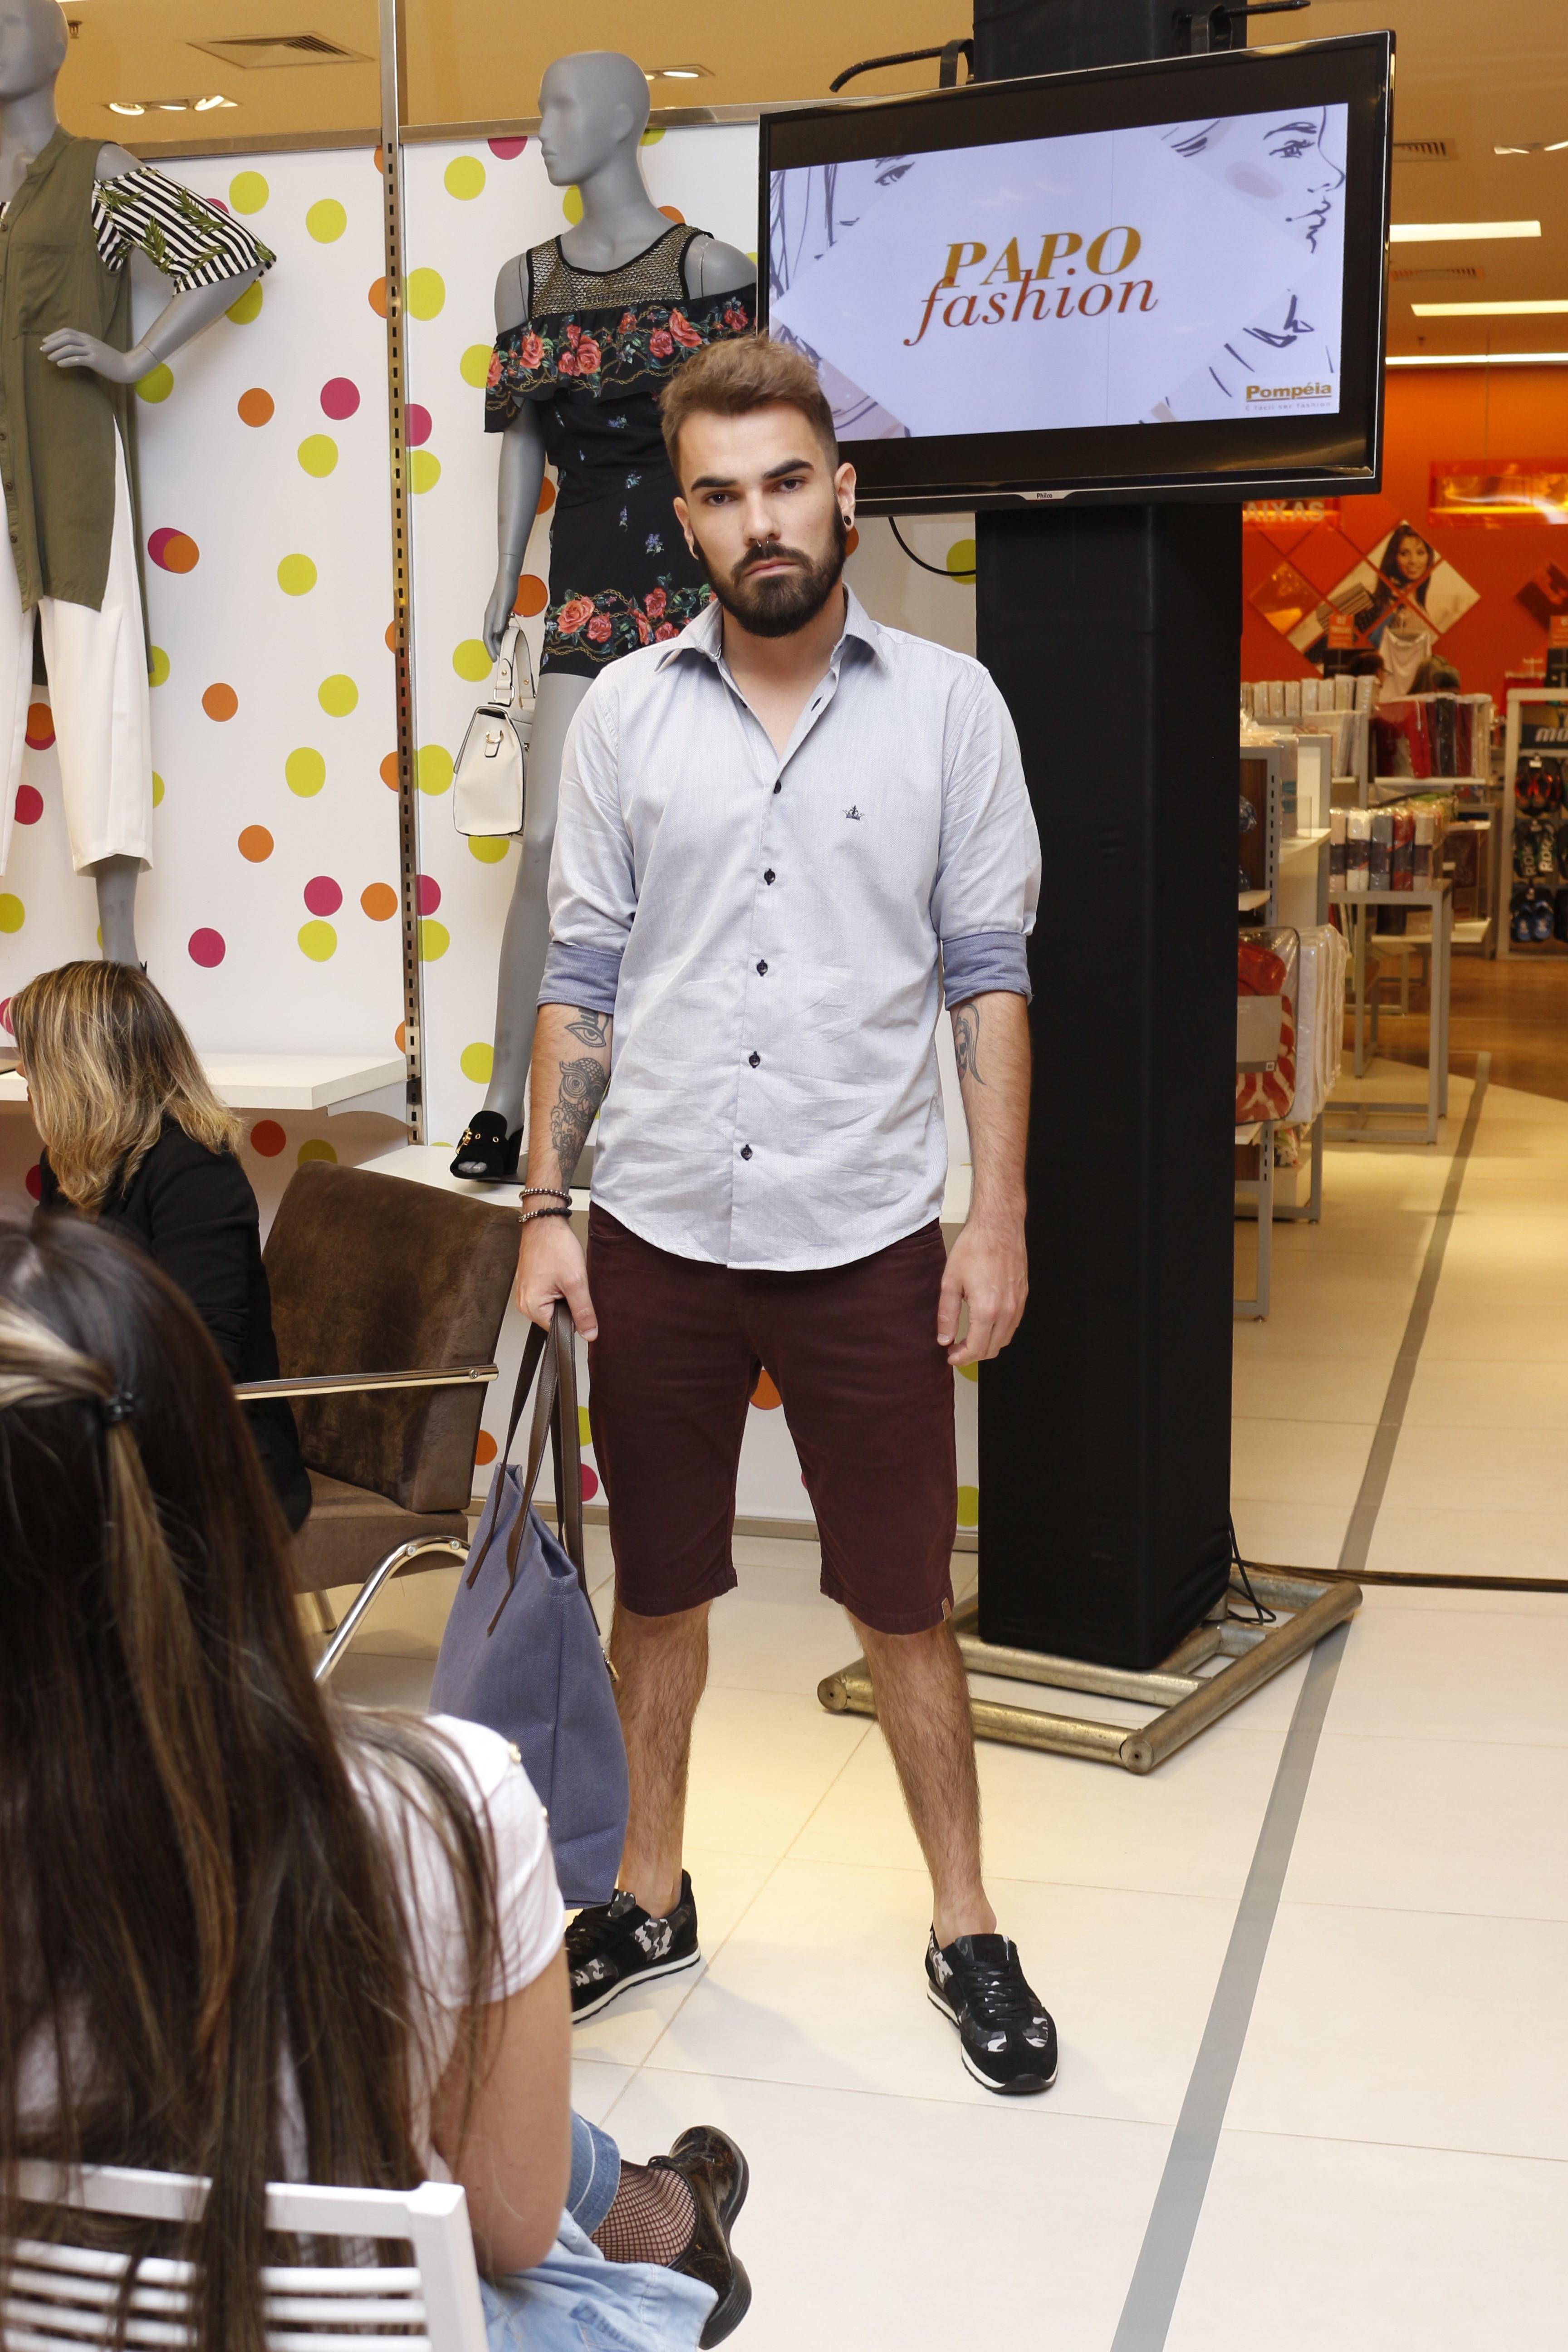 Papo Fashion